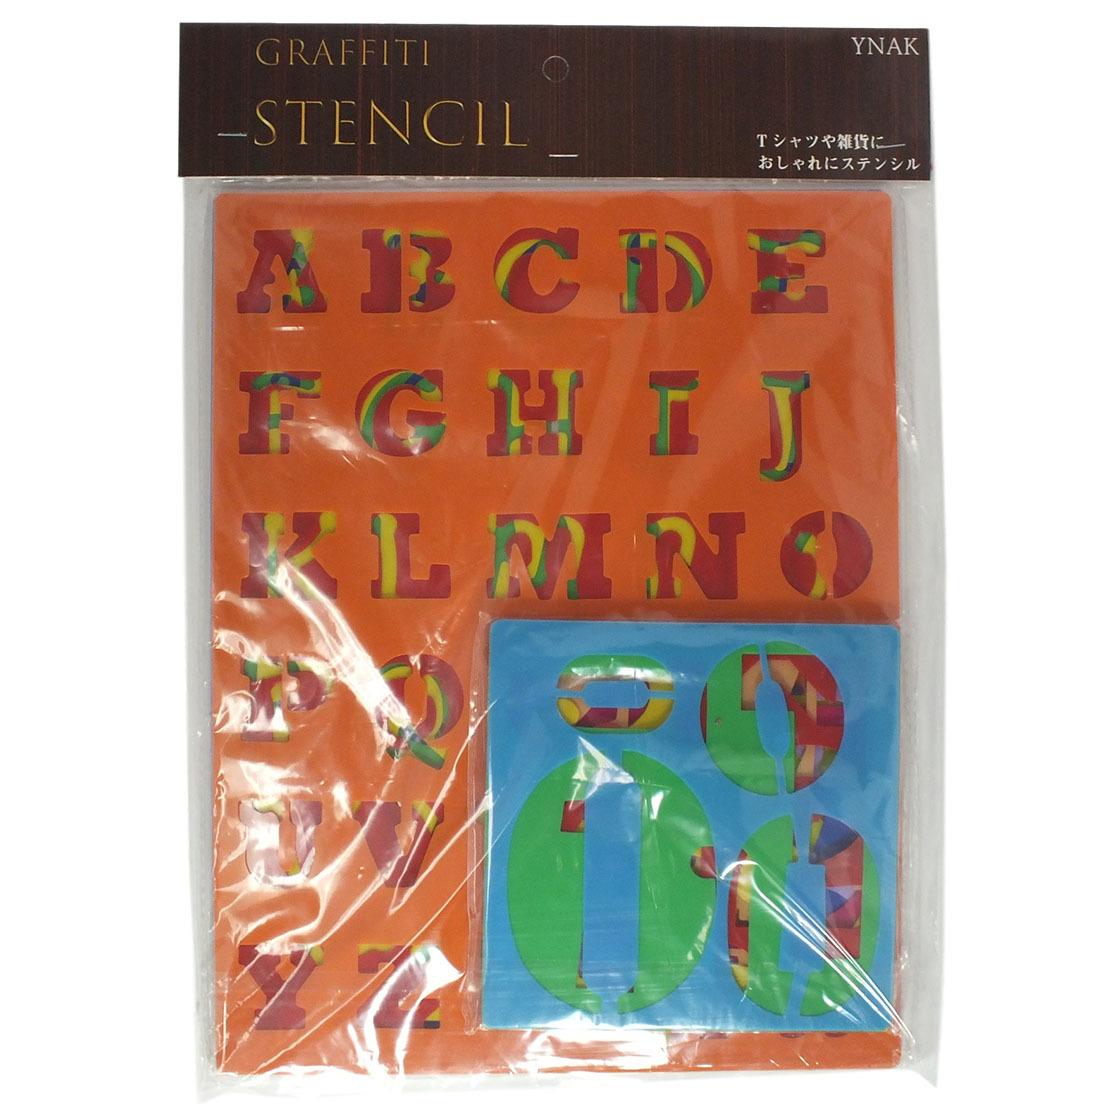 YNAK ステンシルシート アルファベット と 数字 セット (大文字16枚)